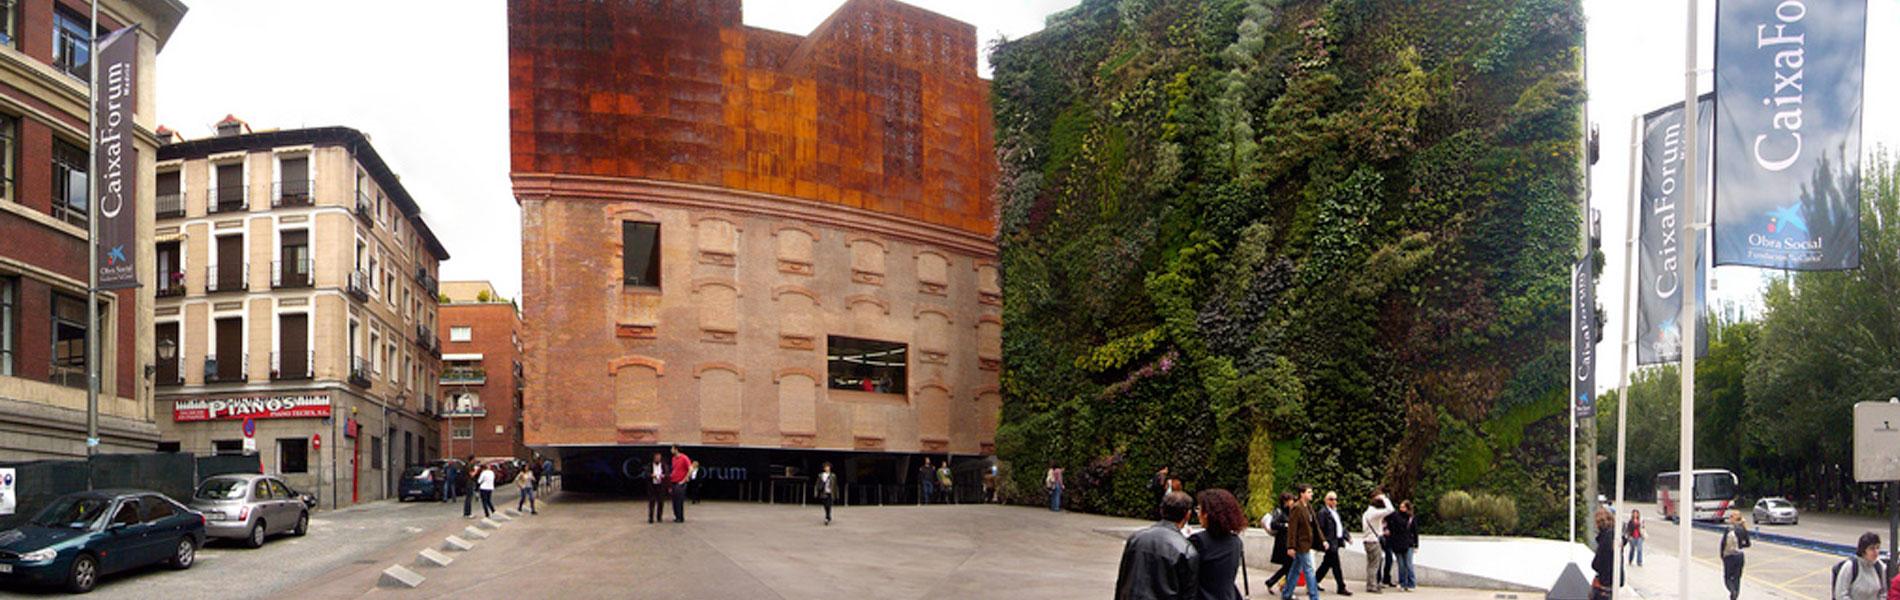 Il giardino verticale funzioni struttura filosofia - Giardino verticale madrid ...